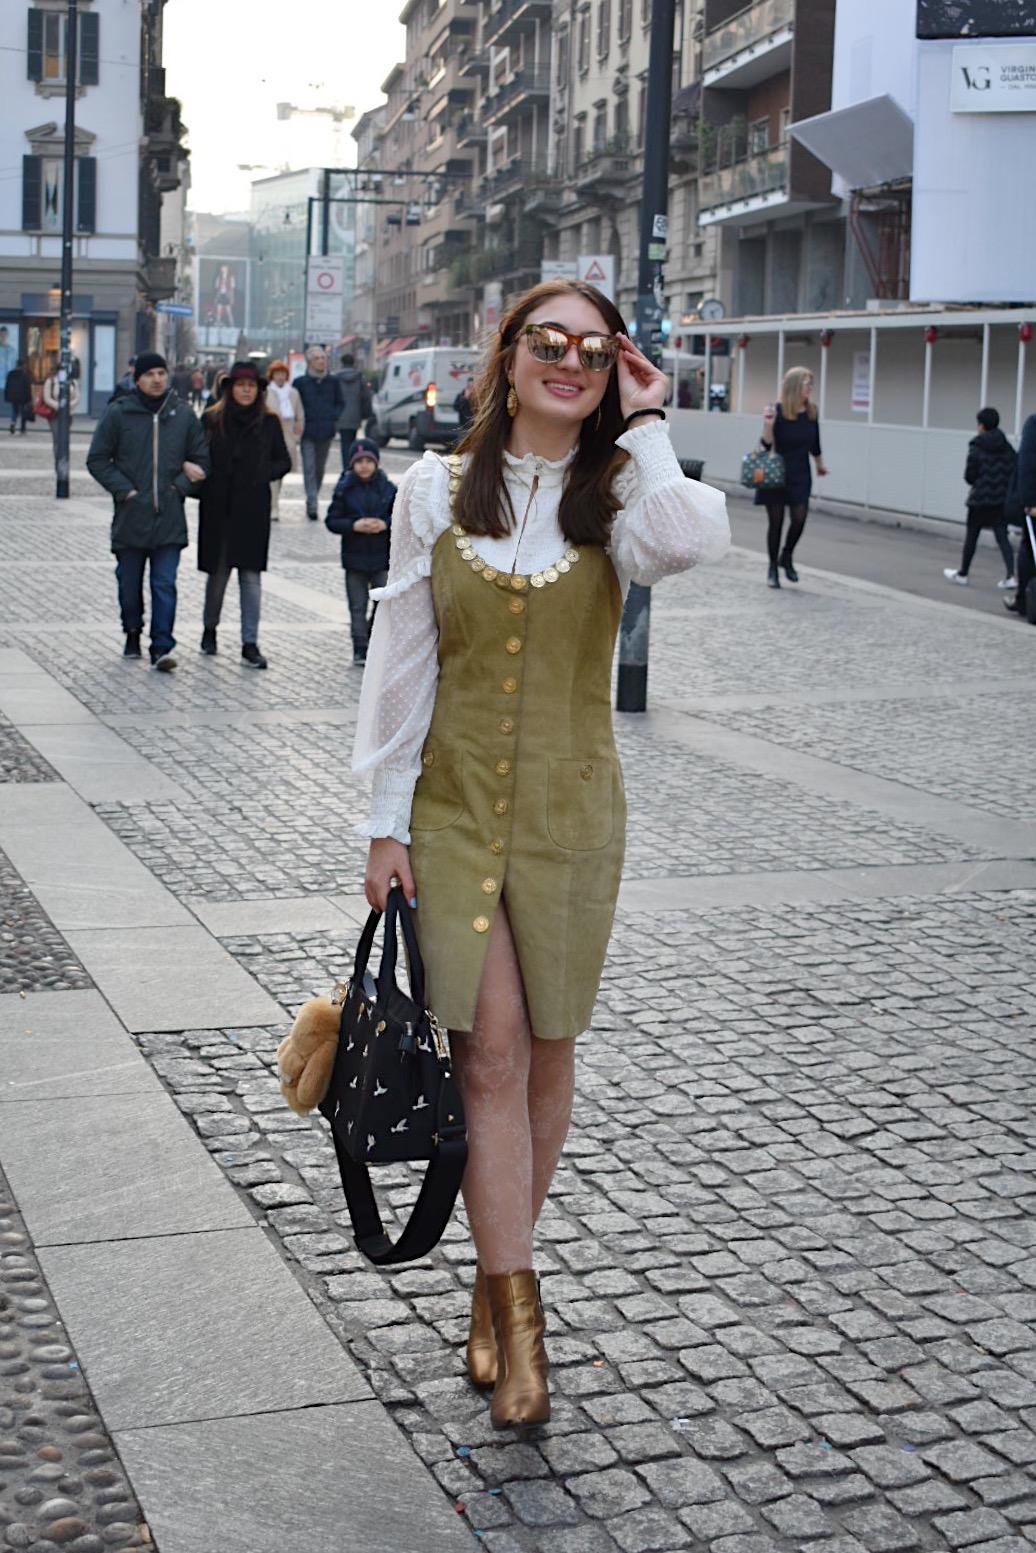 Milan Fashion Week Guide